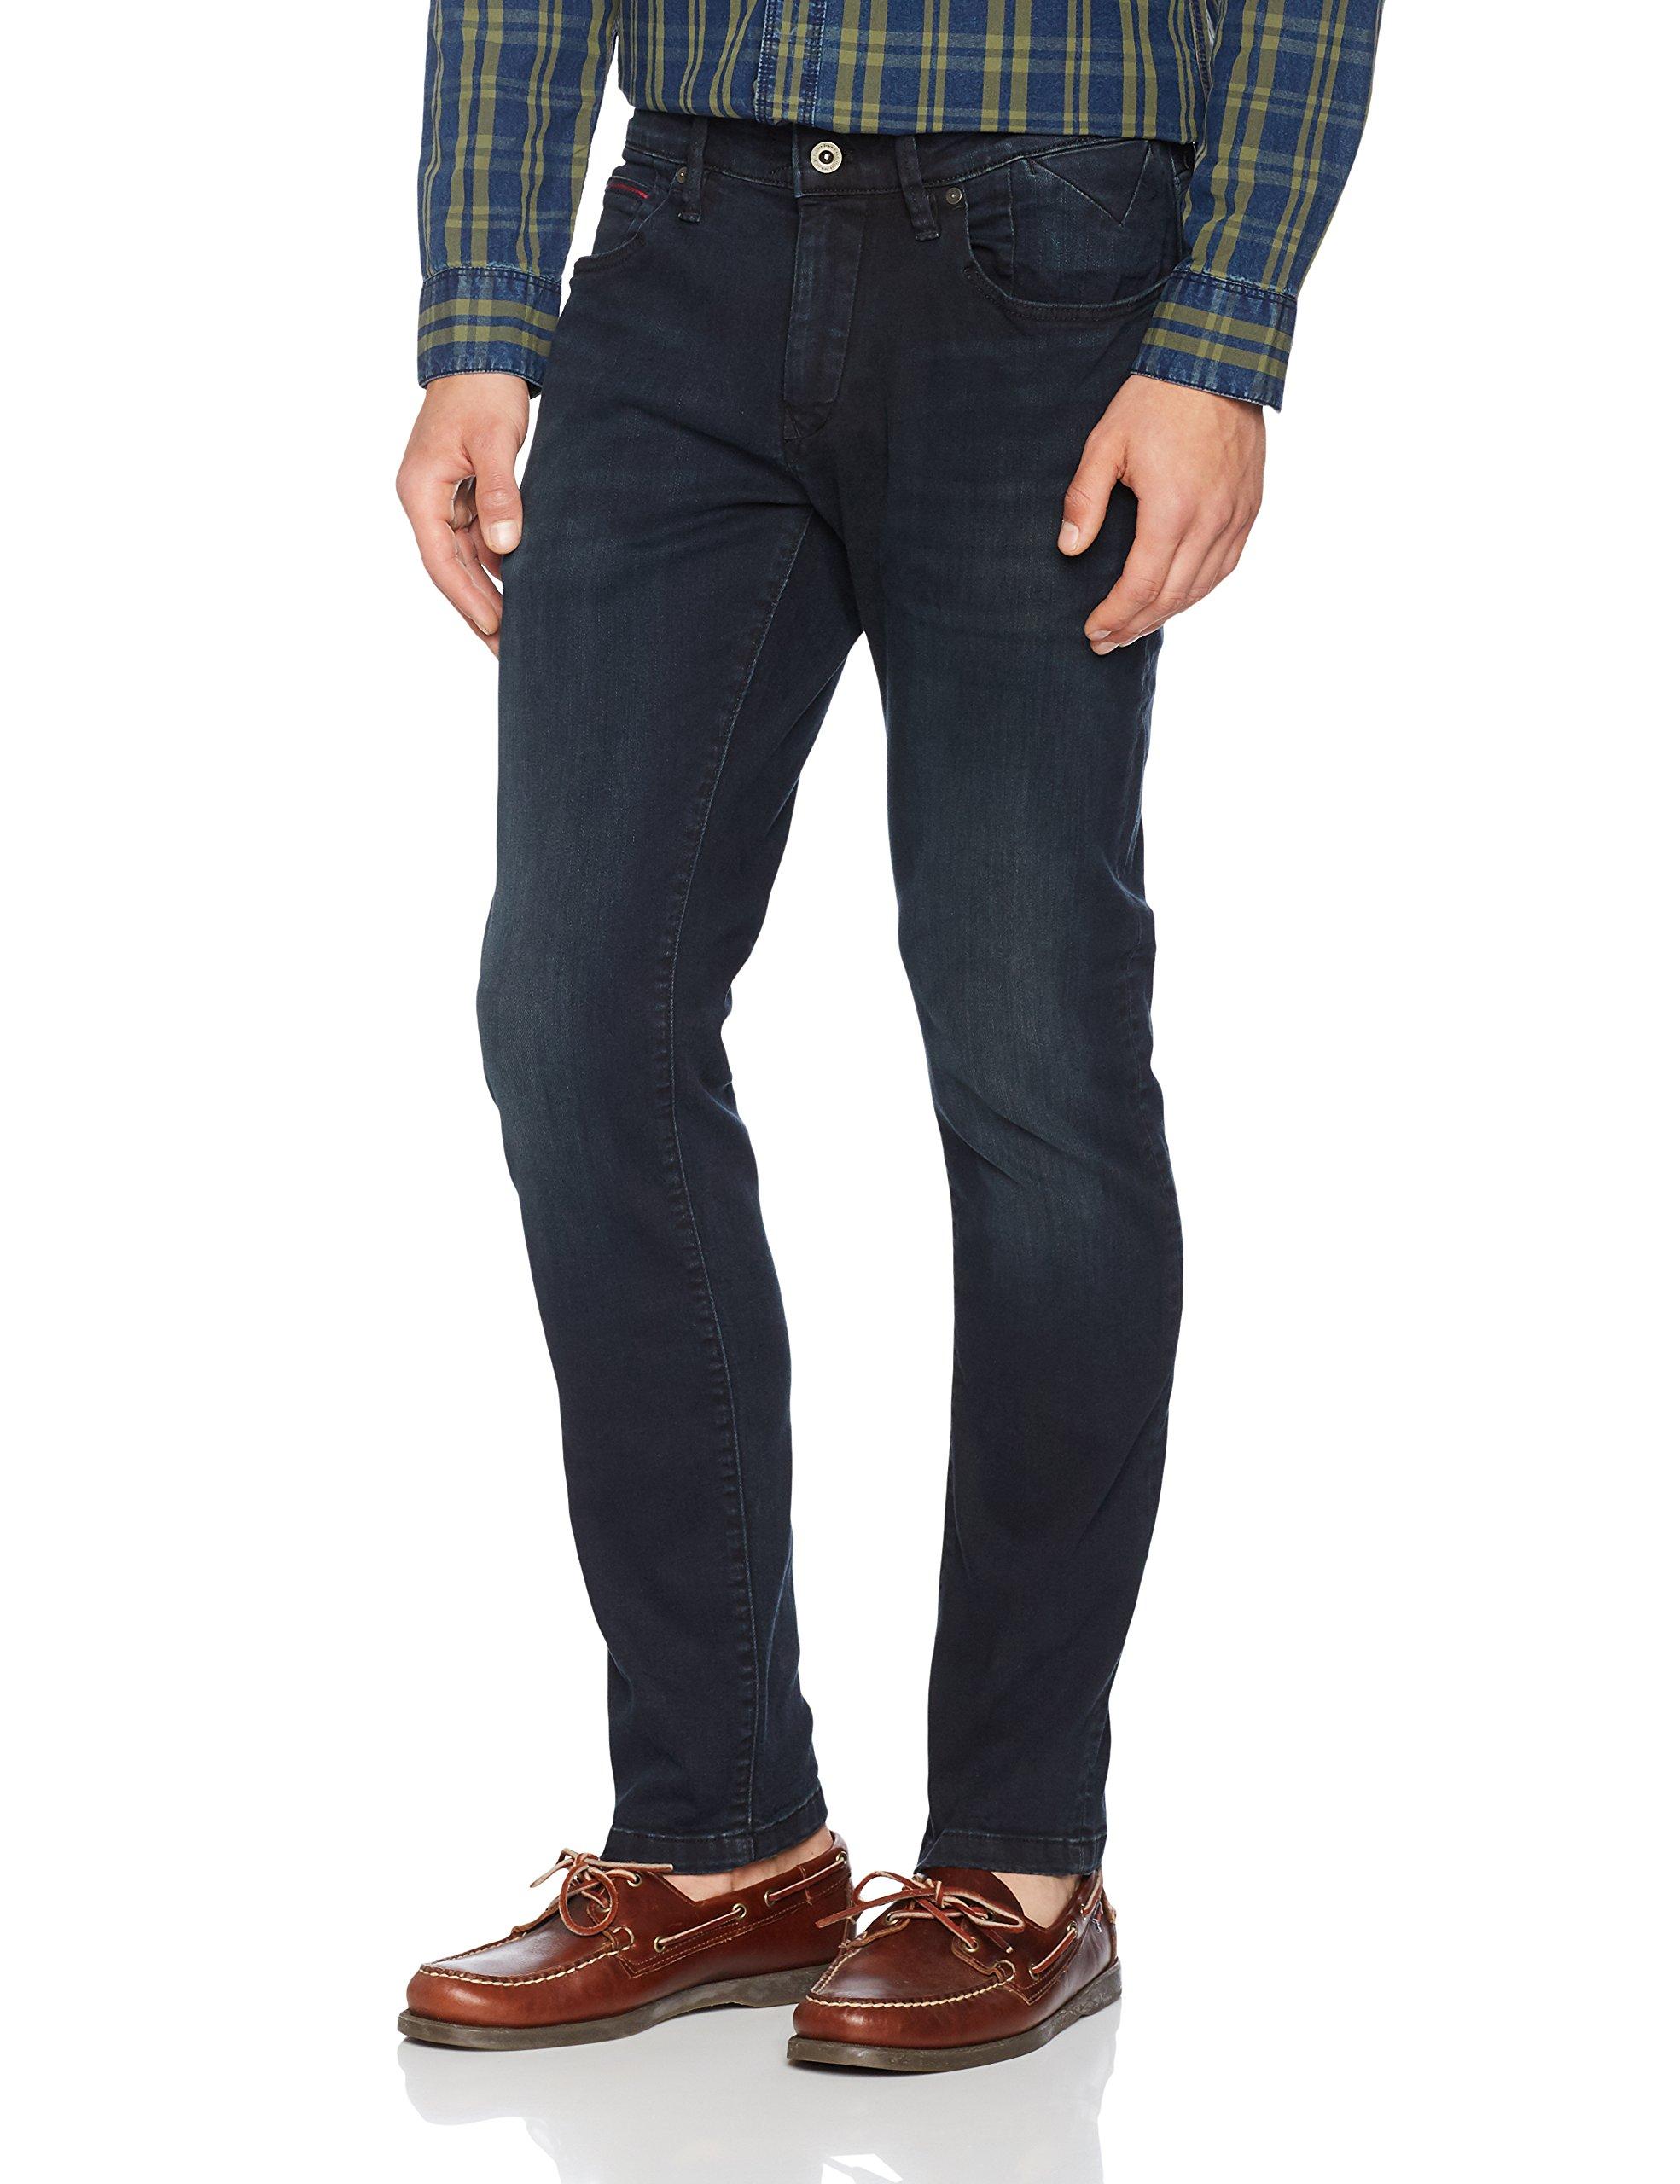 911W34 Jeans Tommy l32 Cobco Homme Slim Scanton Noircobble Black Comfort 0OnwP8kX